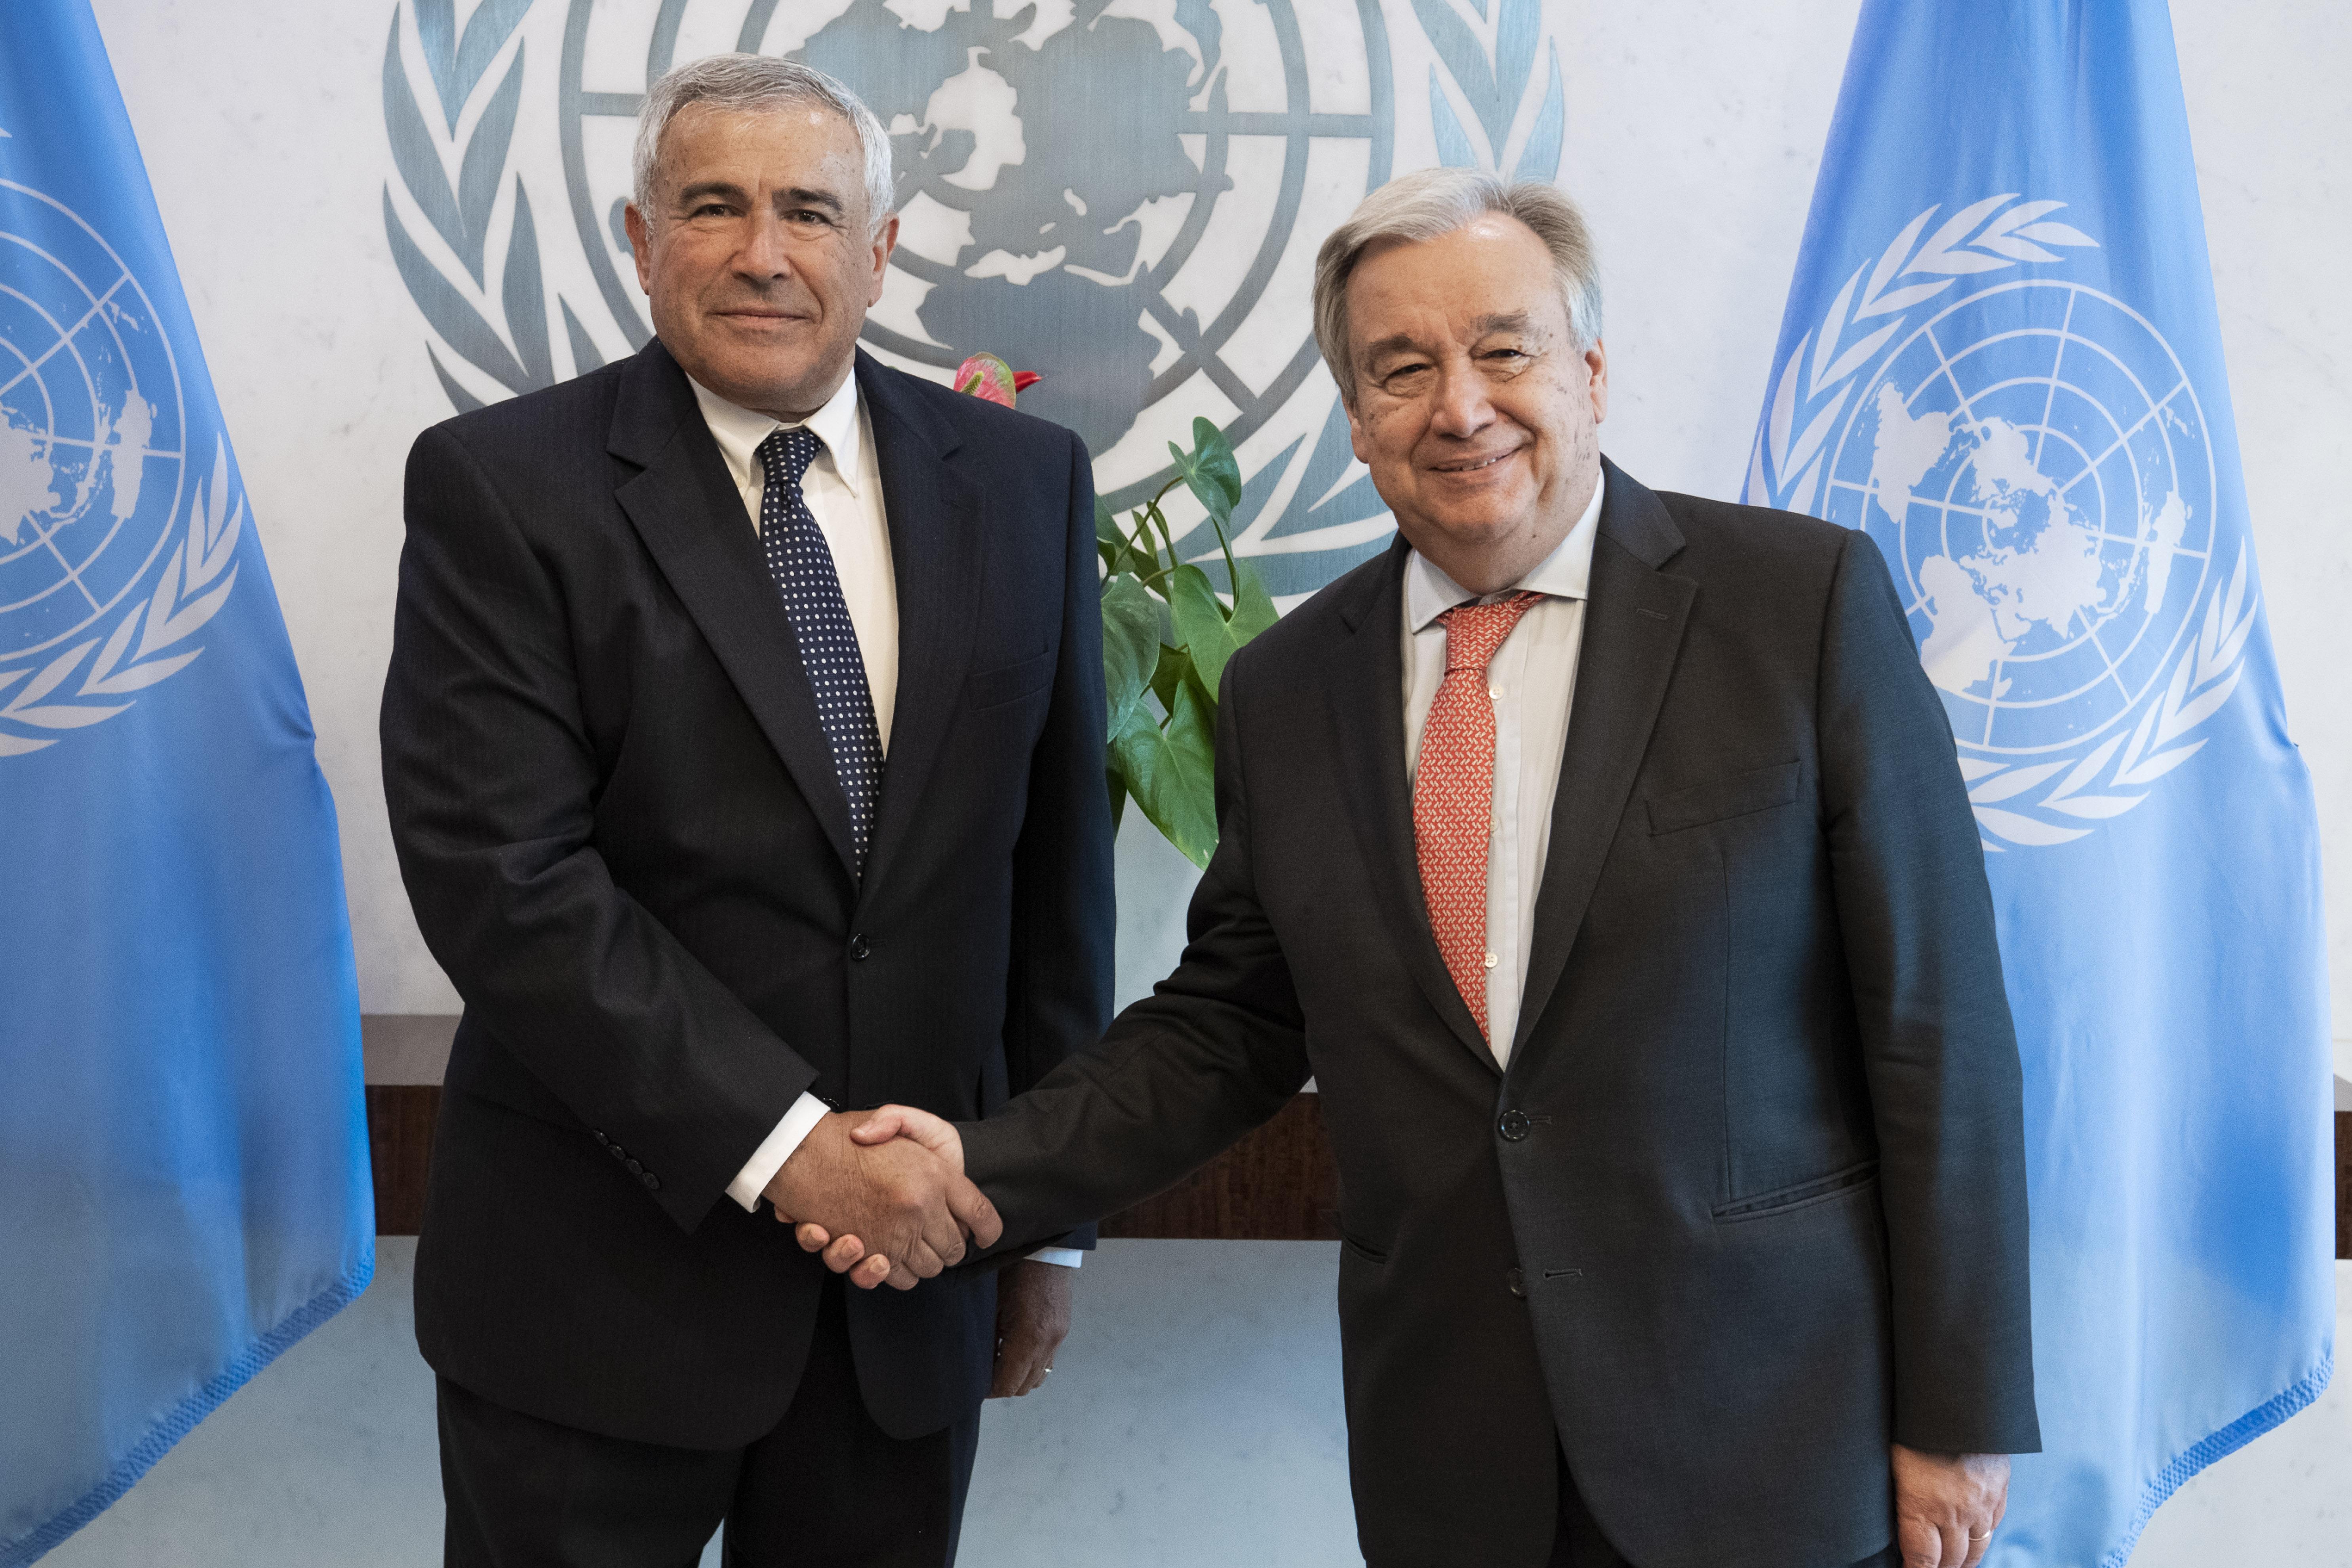 Ambassador Sven Alkalaj